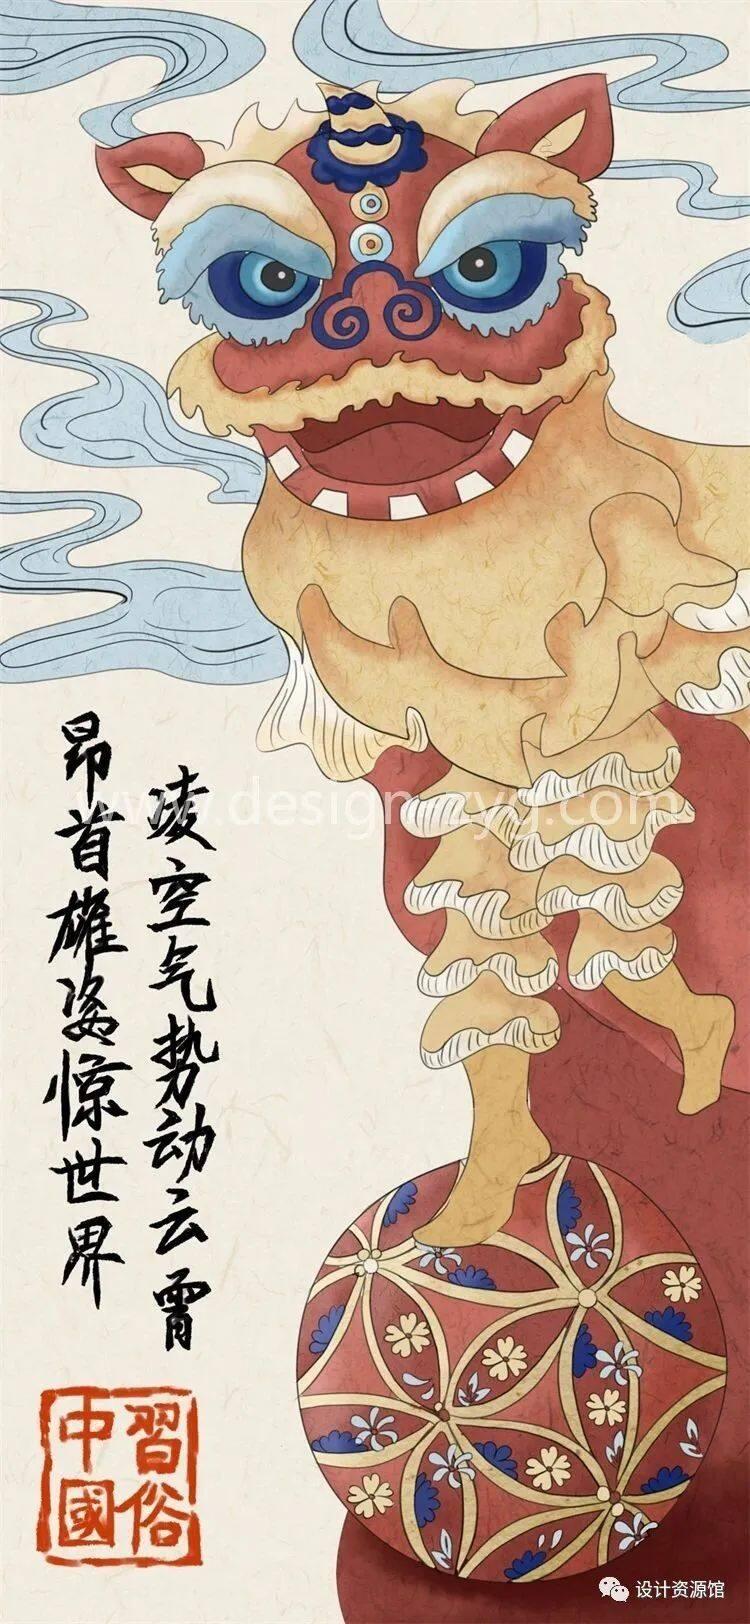 中国风合集 中国传统纹样锦集+中国风精美潮流插画+精美纸质纹理素材【712期】插图18